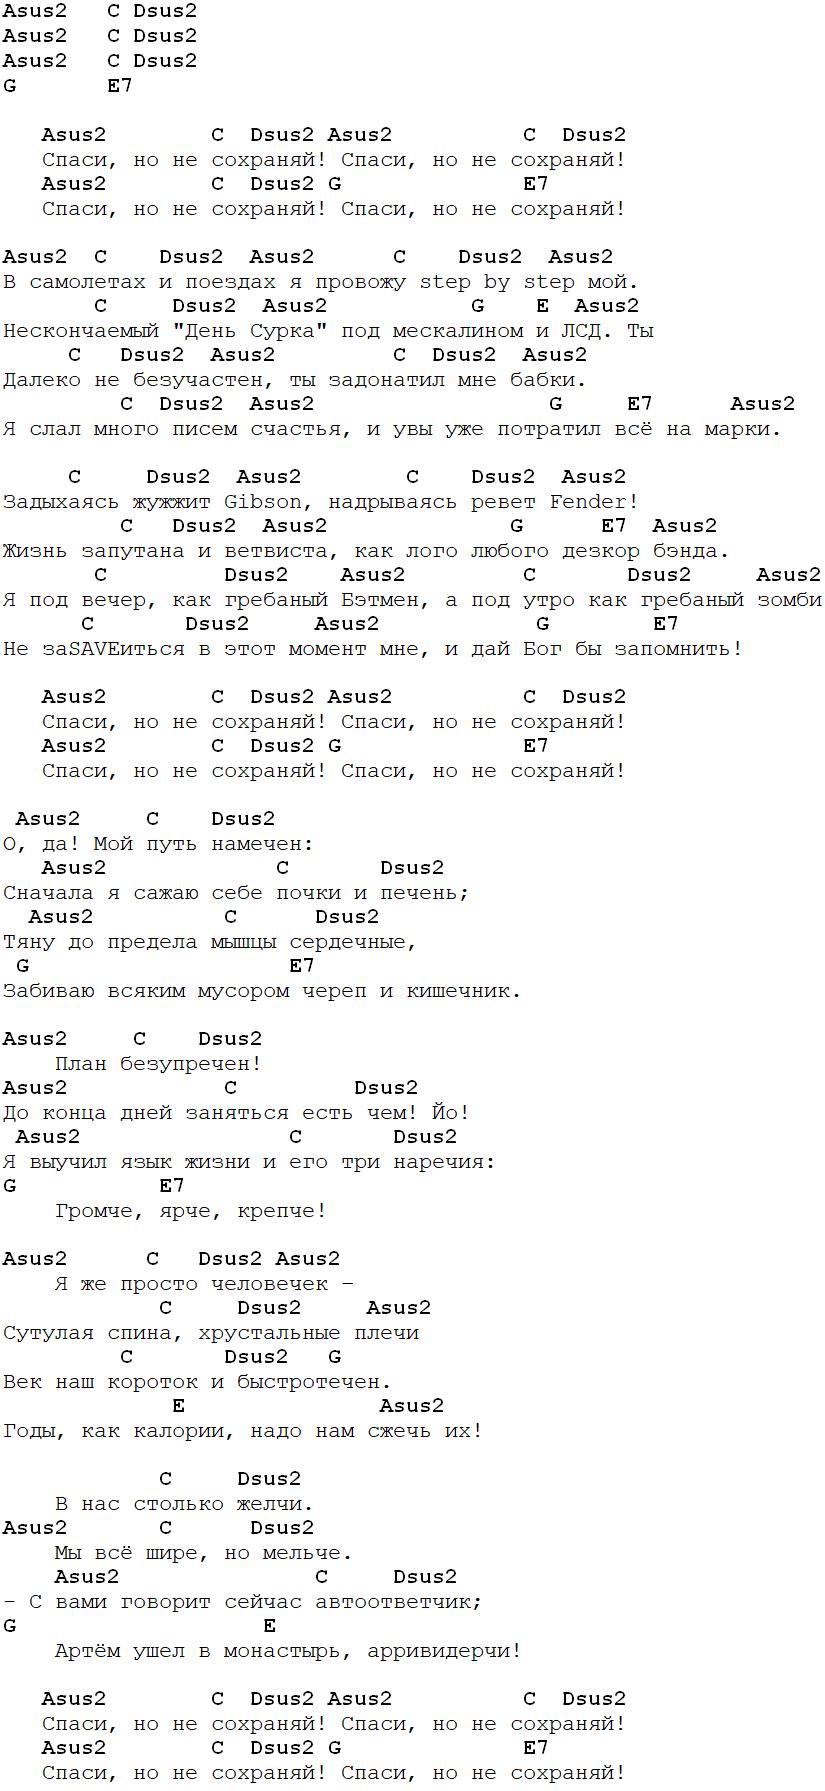 Anacondaz - Спаси, но не сохраняй